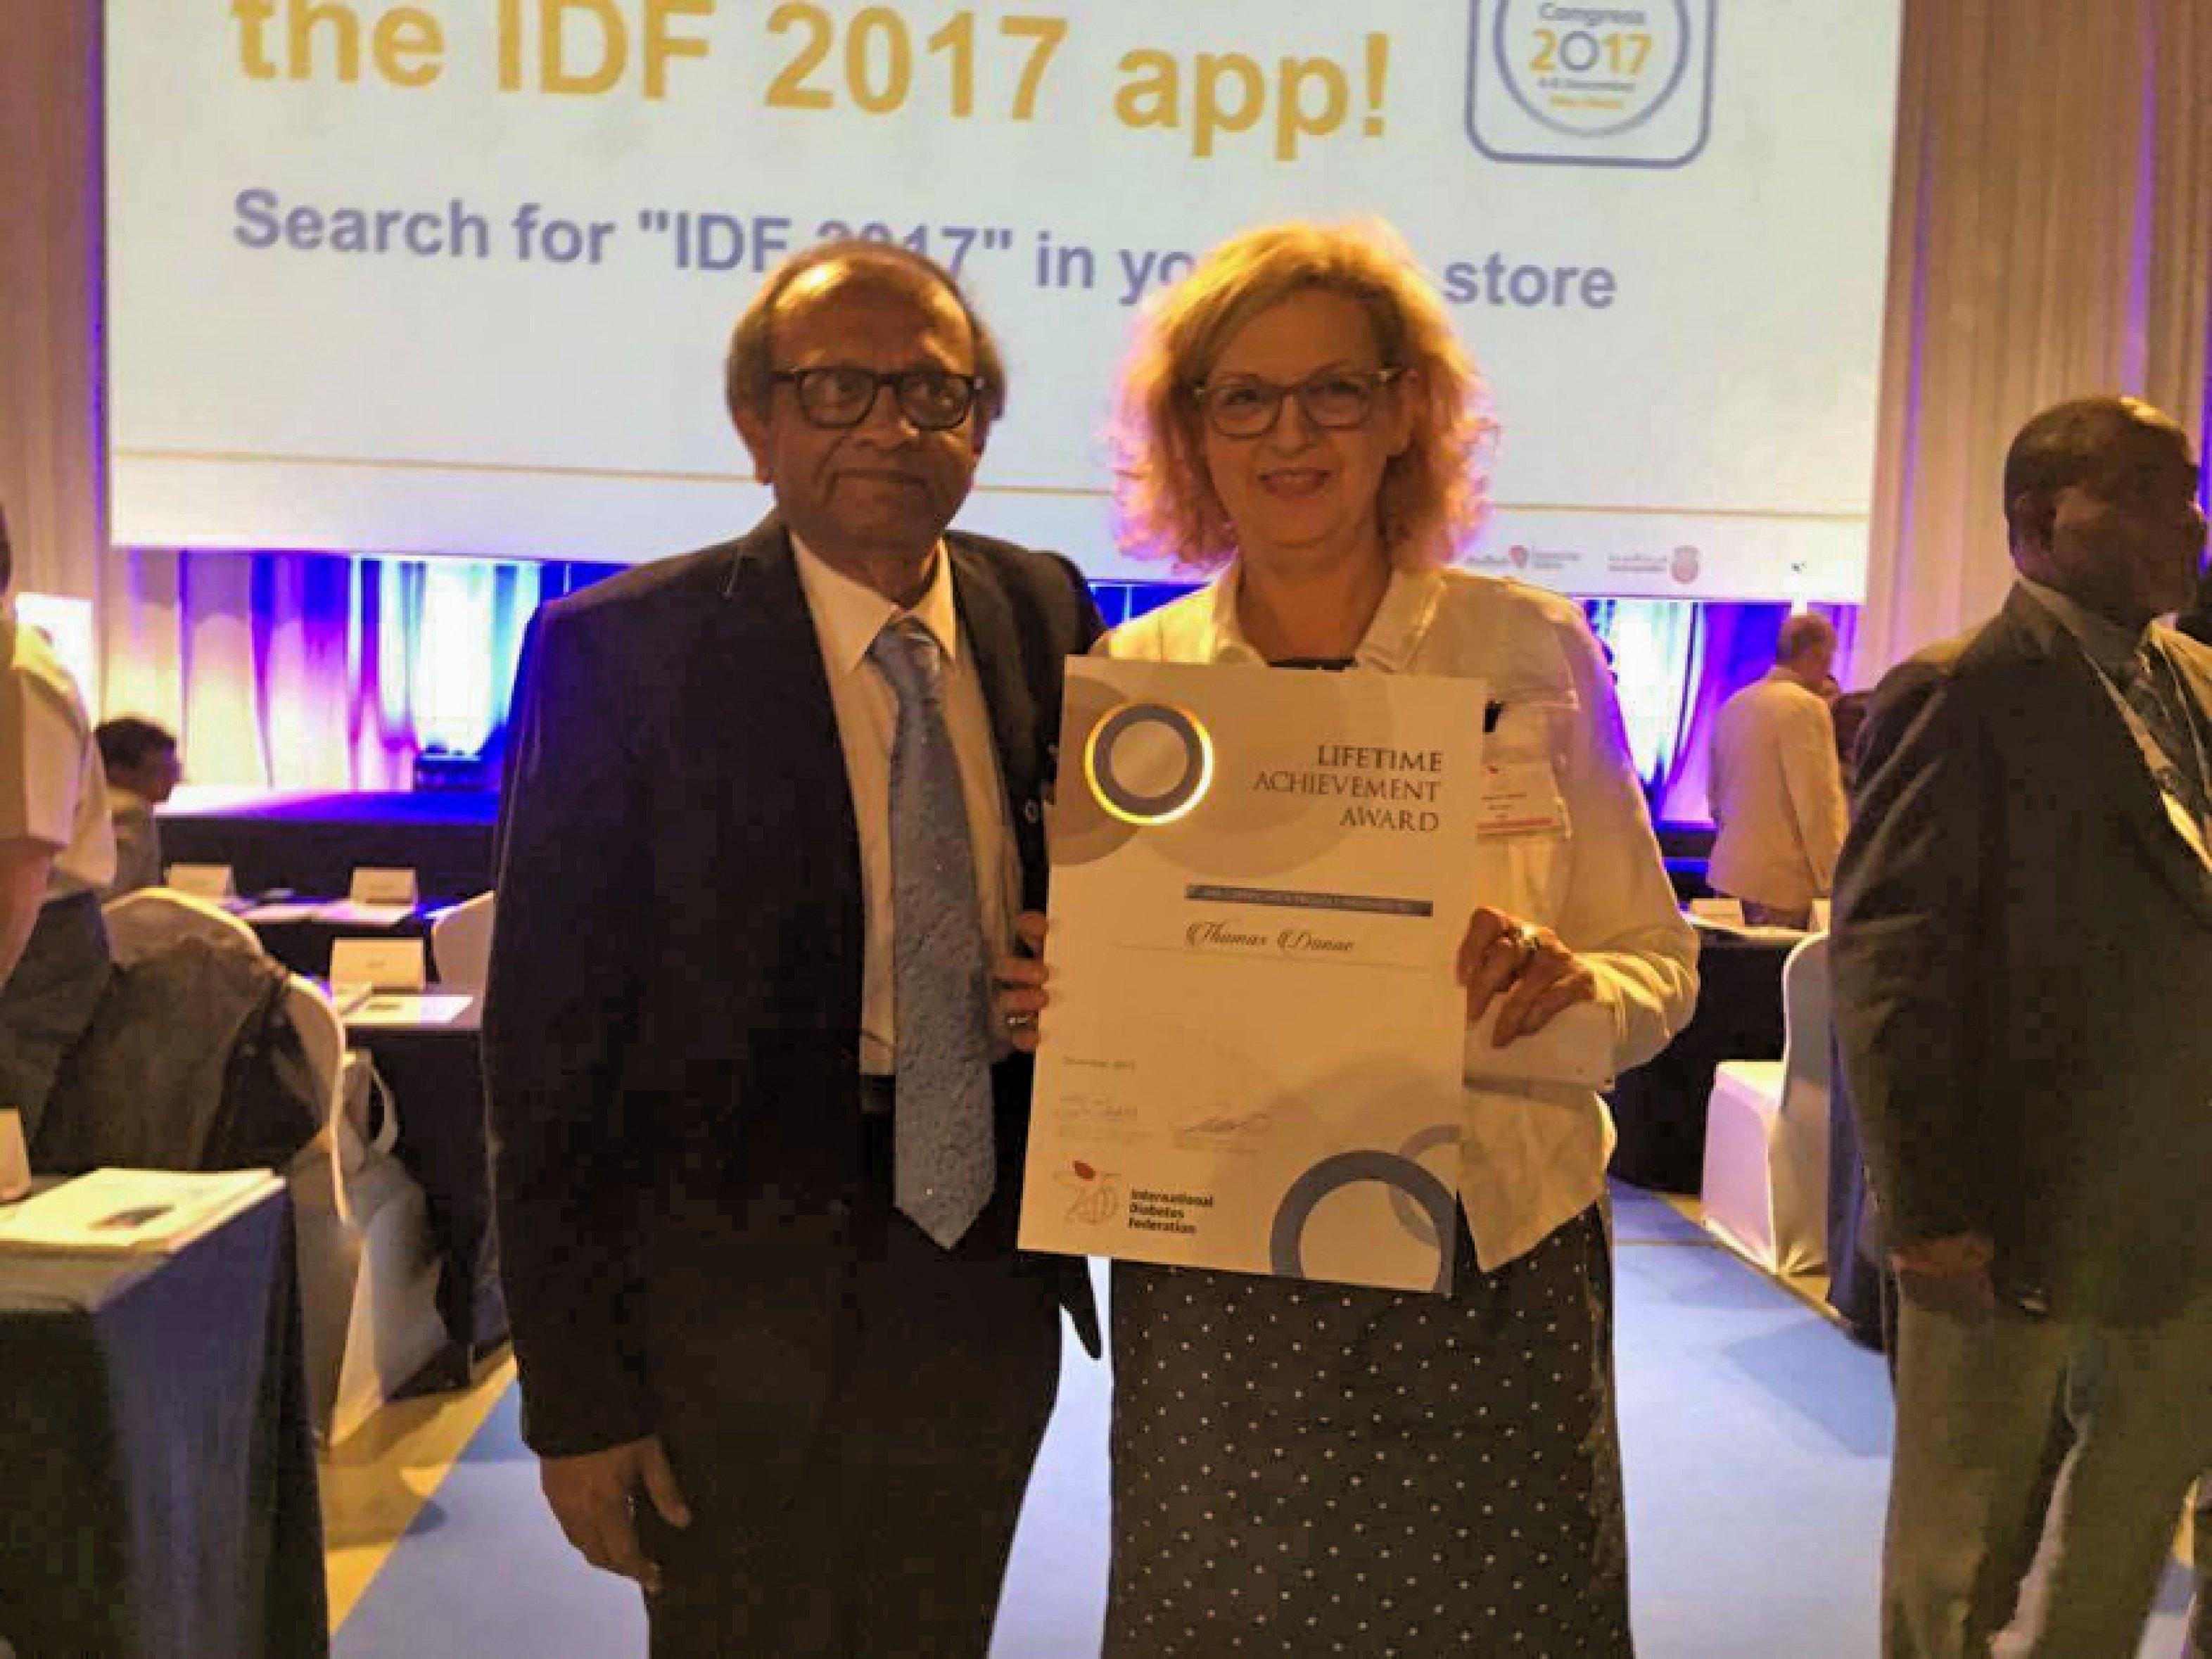 Dr. Stefanie Gerlach nimmt die Urkunde für den Lifetime Achievement Award stellvertretend für Prof. Danne vom scheidenden Präsident IDF, Prof. Sadikot, entgegen